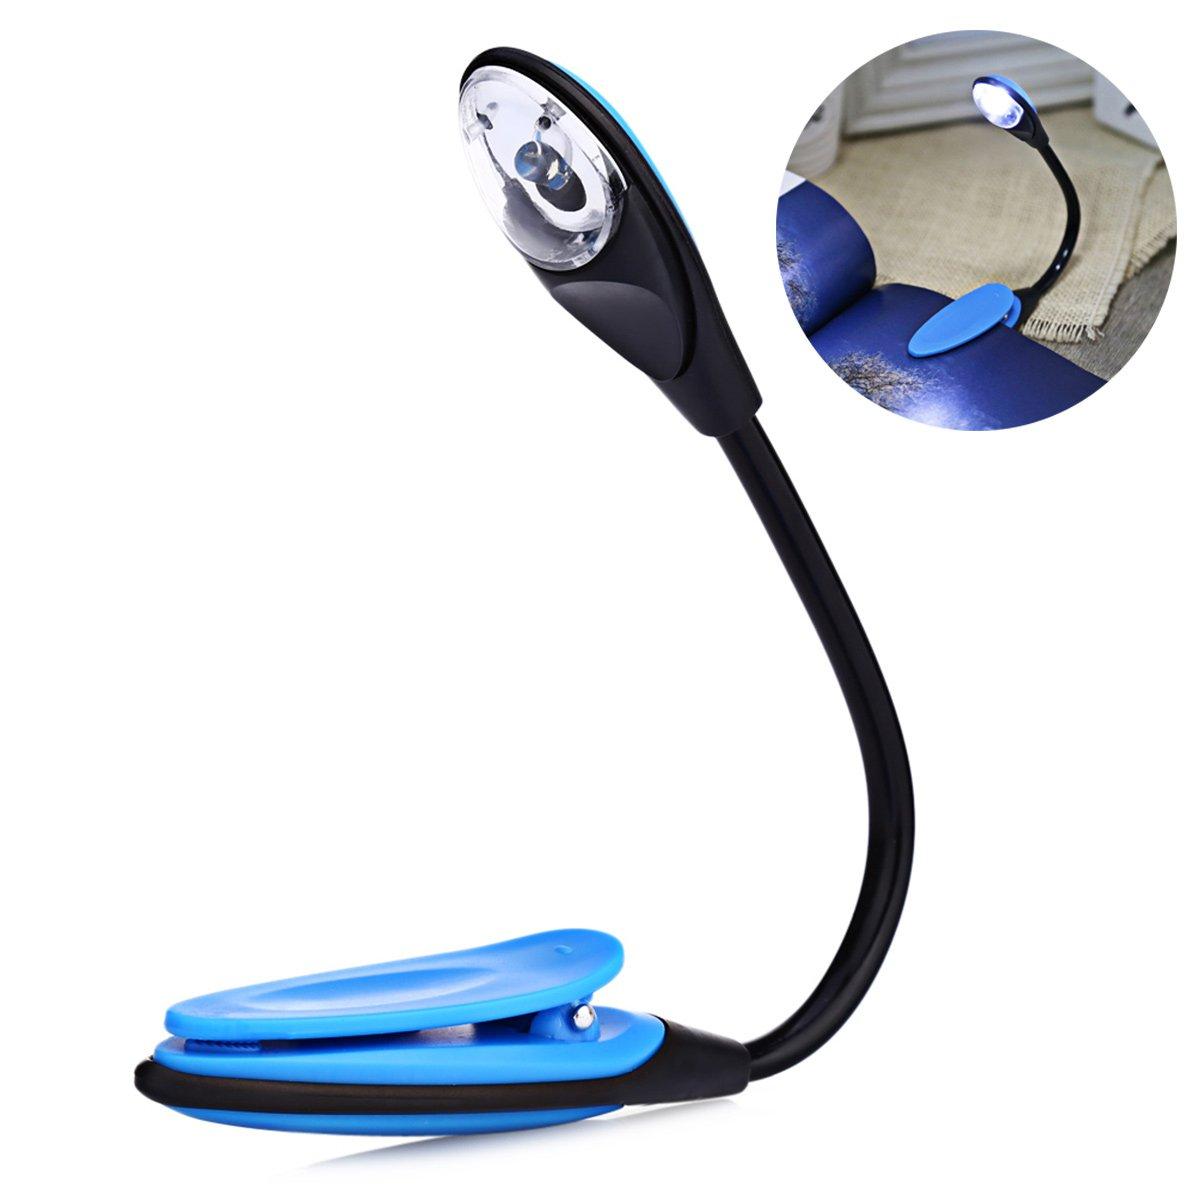 LEDMOMO Clip Leselicht, LED-Buchleuchte multifunktional als Lesezeichen Schreibtisch Bett Lampe zum Lesen mit Soft Cover und Hardcover Bücher usw. (blau) [Energieklasse A+]